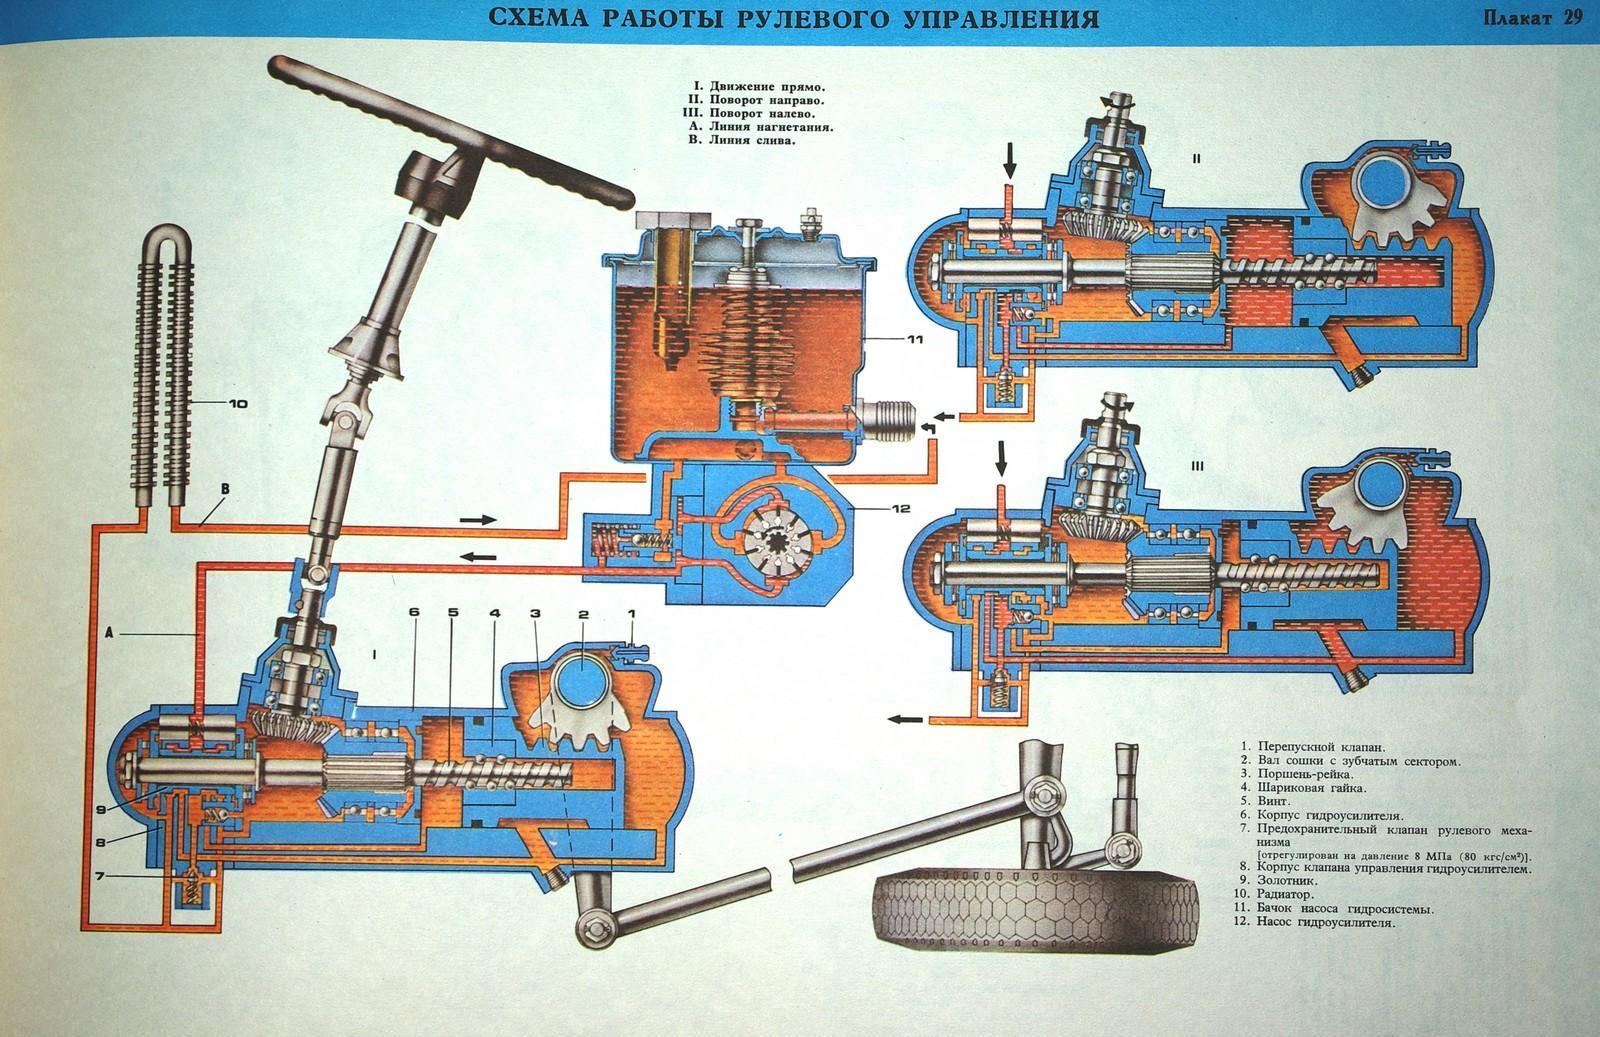 Общая схема работы рулевого управления КАМАЗа